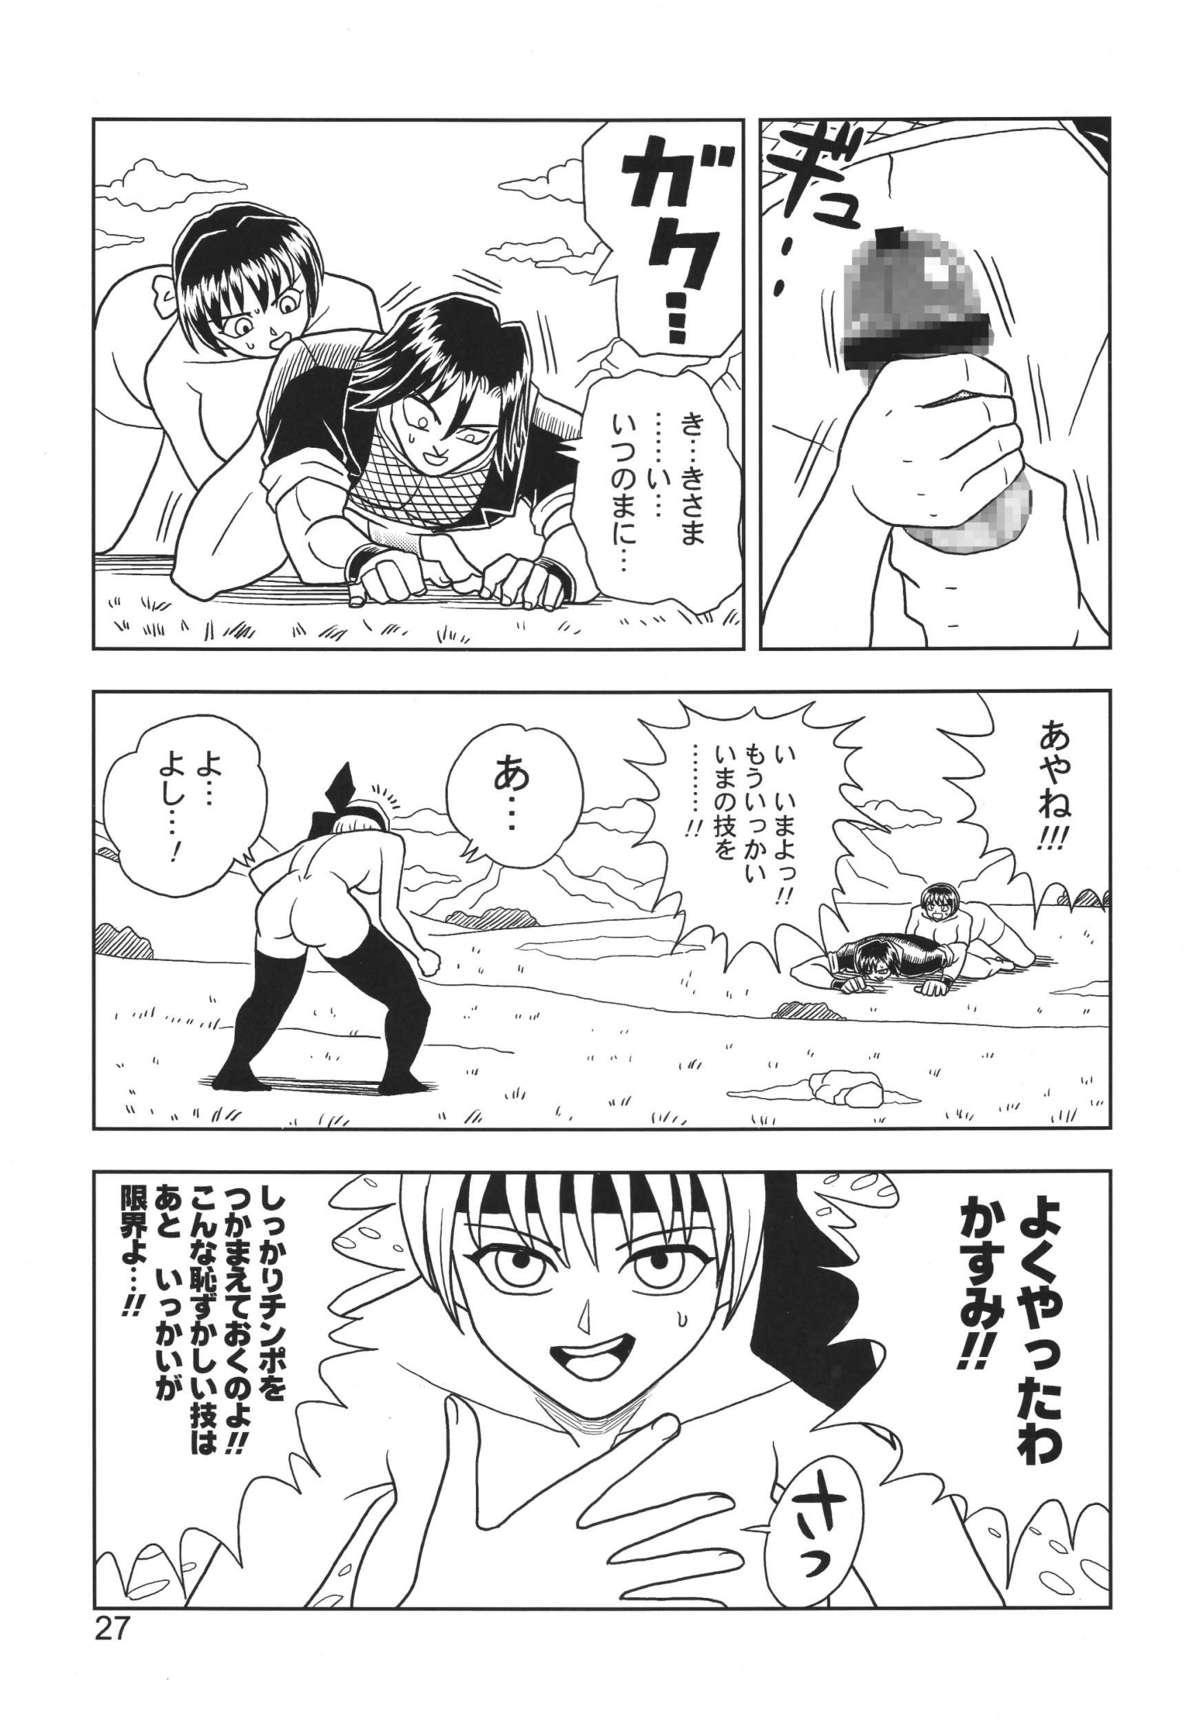 Kasumi or Ayane 26